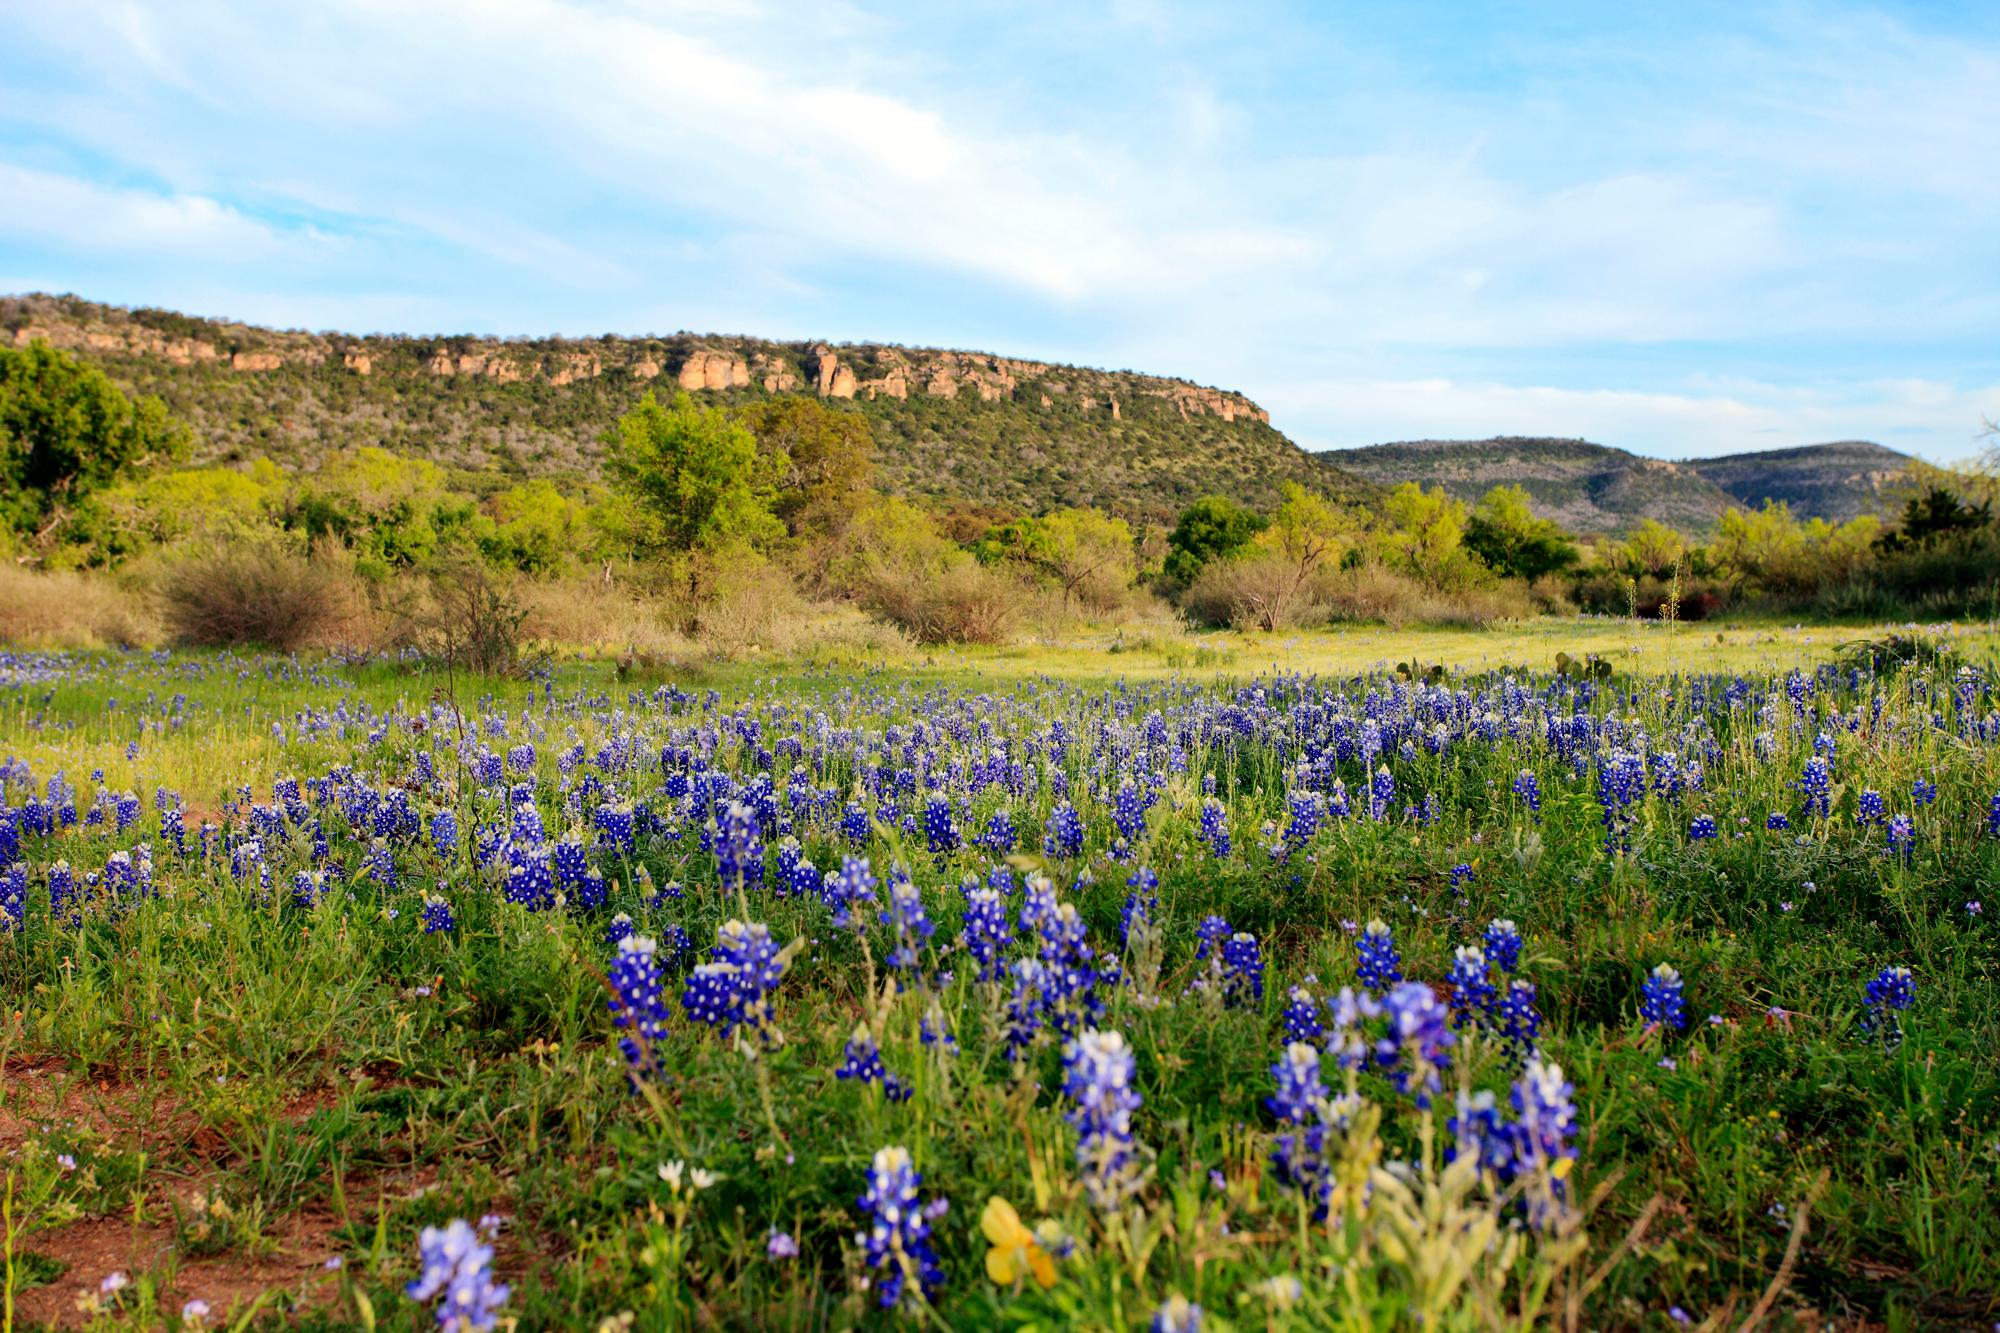 Field of Bluebonnets in Bloom